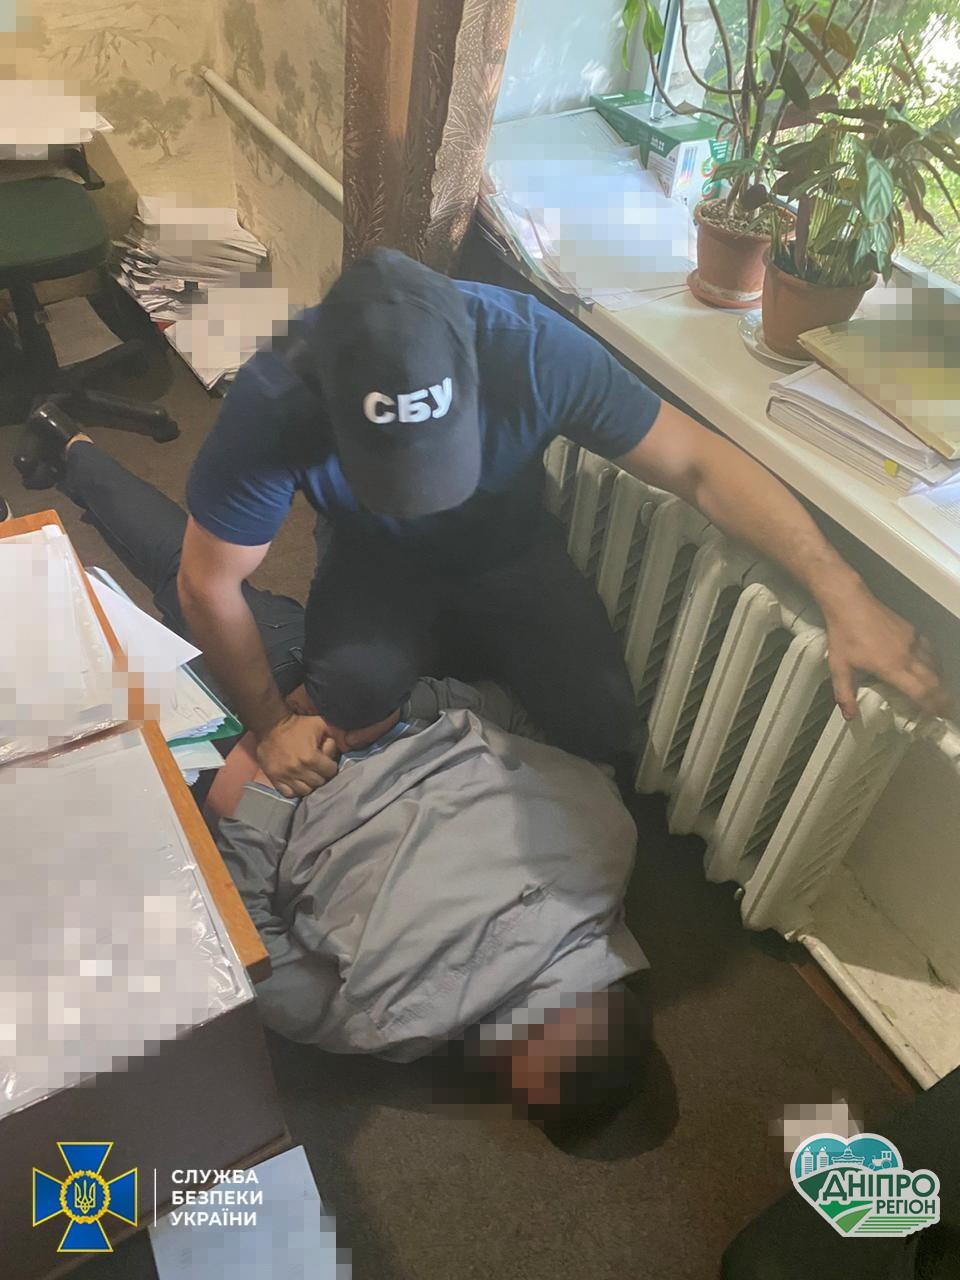 В Днепропетровской области СБУ на взятке разоблачила прокурора